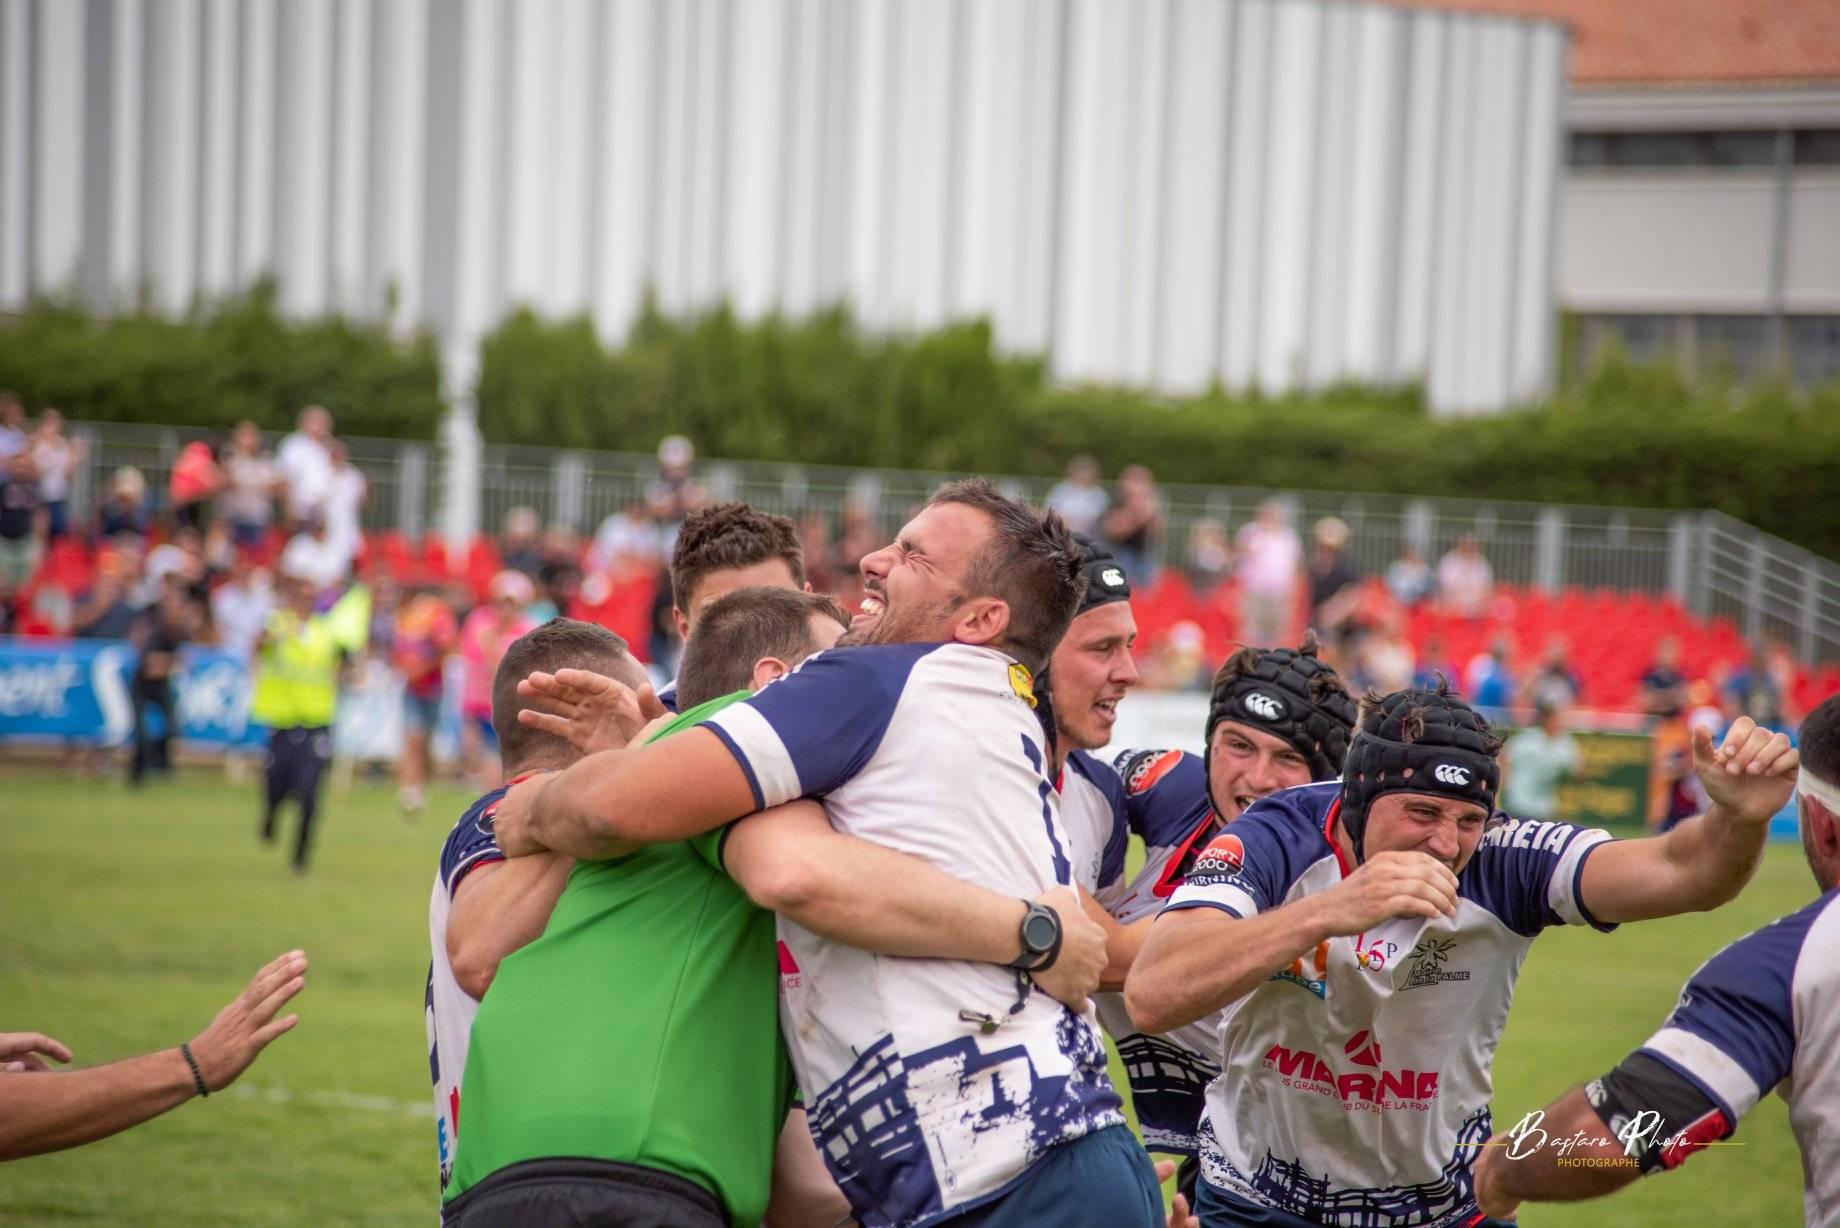 La Palme Corenilhan demi finale France 06 19 (12)